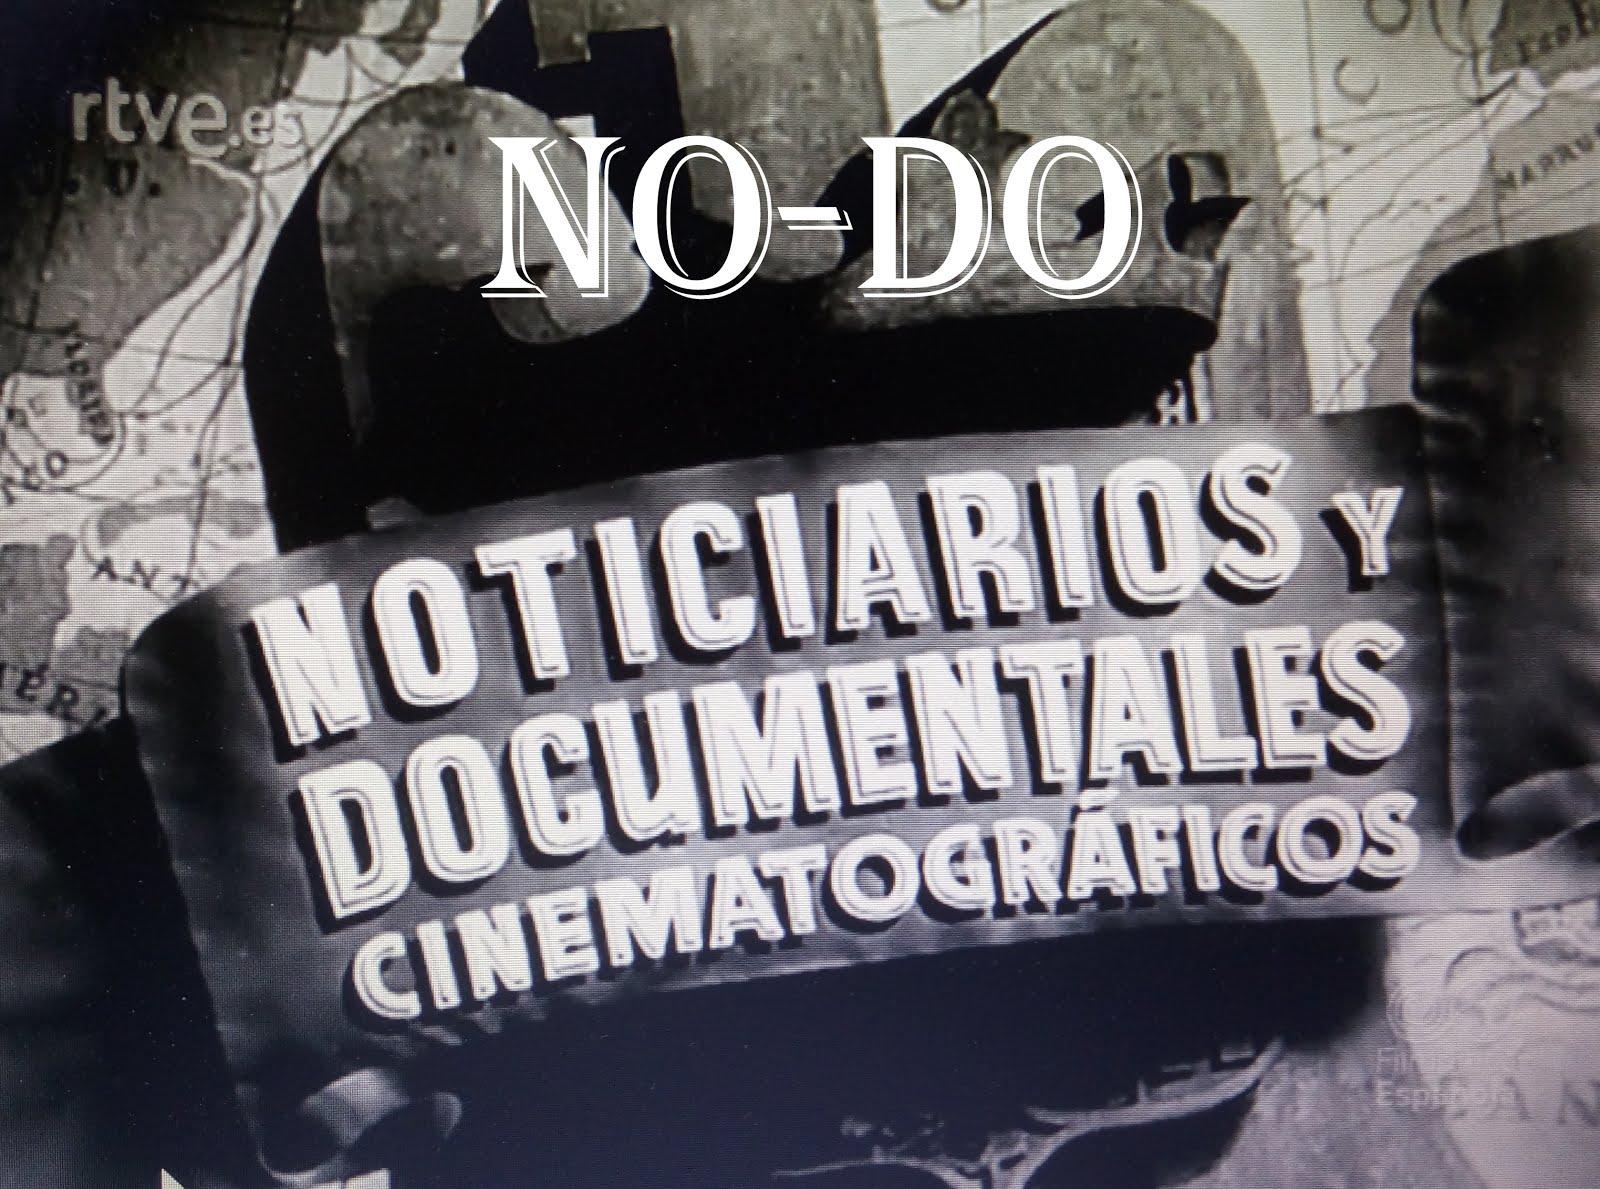 25.04.1962 EL NO-DO, CON NOTICIAS Y DOCUMENTALES DE ESPAÑA, SOBRE MANISES.